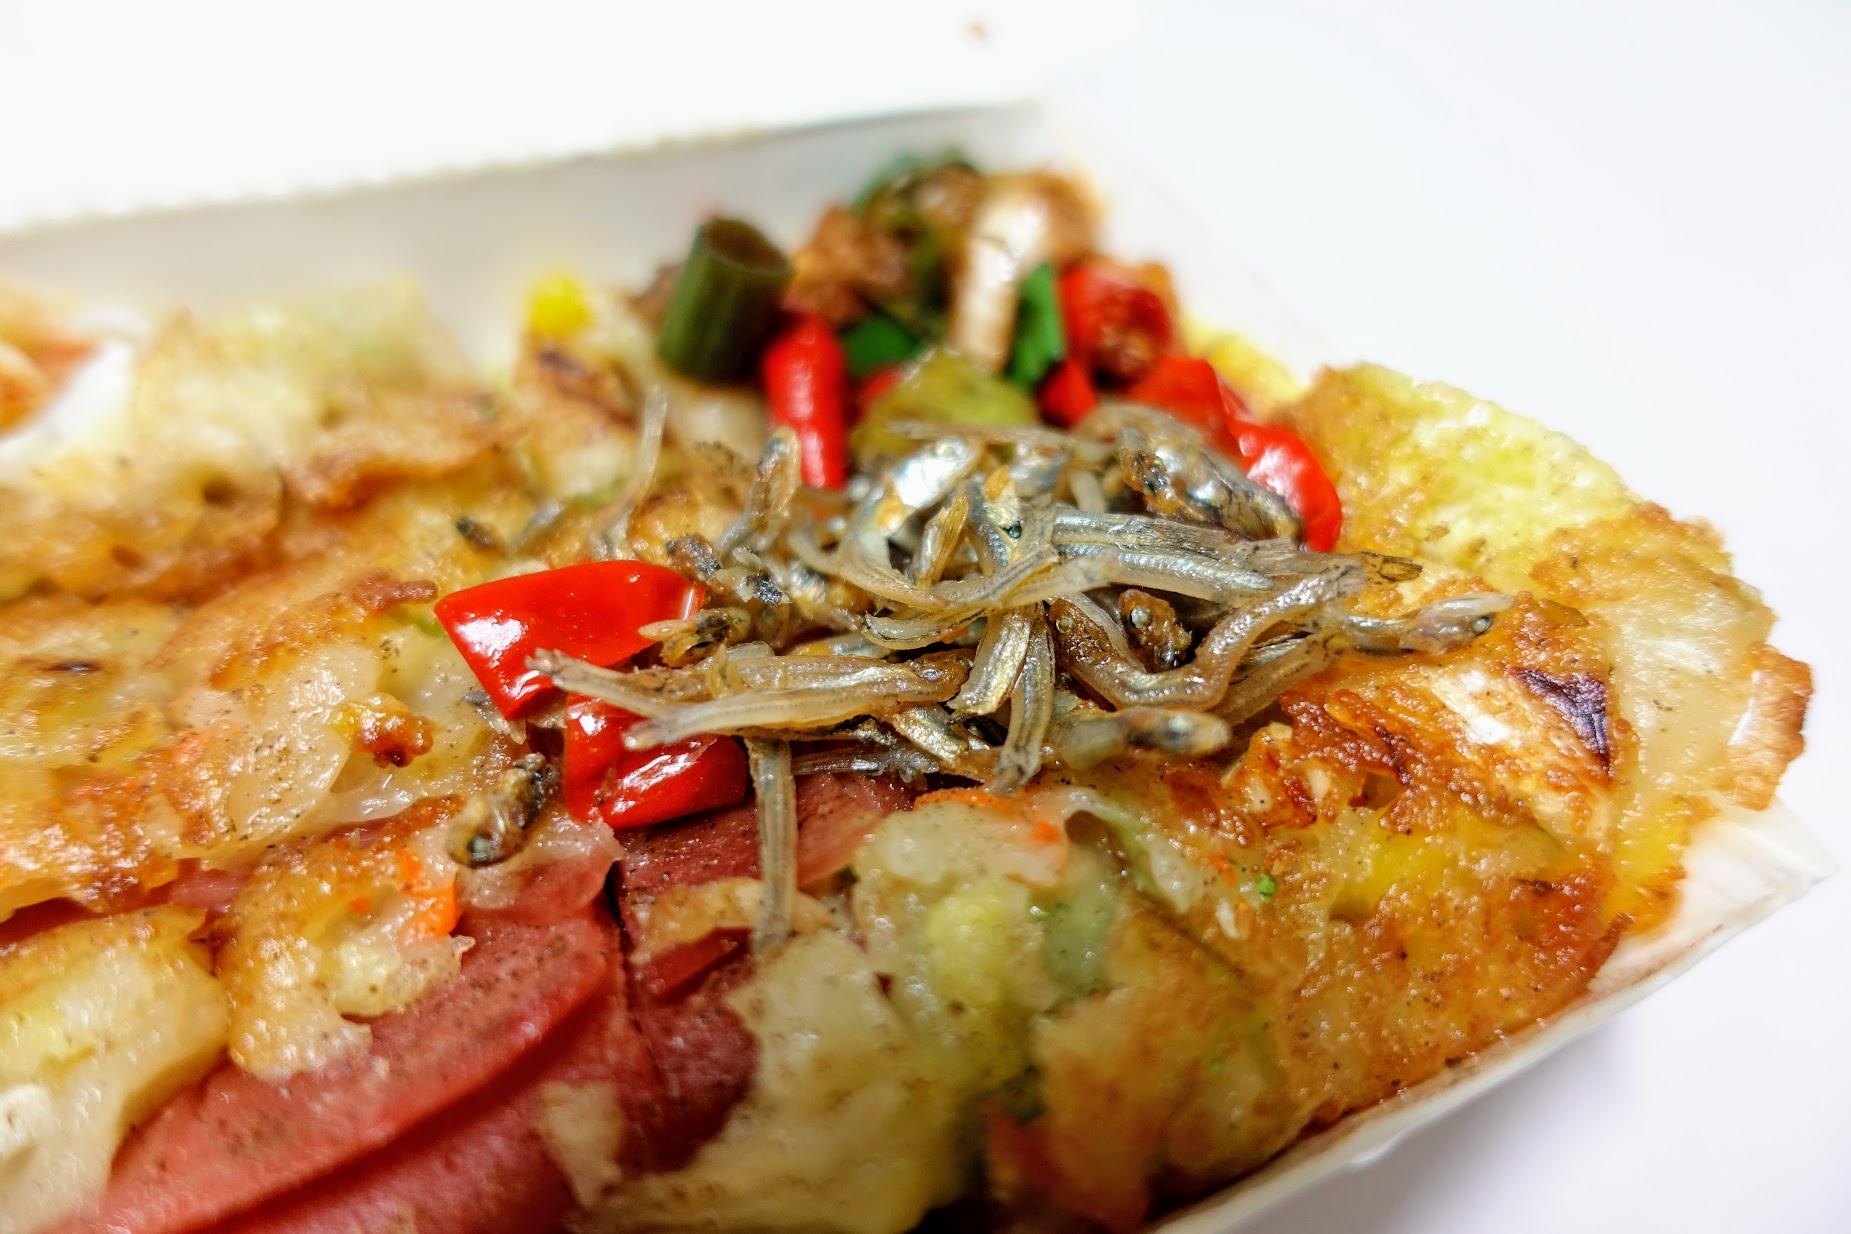 這辣醬+小魚乾是一種畫龍點睛的效果! 辣辣的,還不錯吃啊!